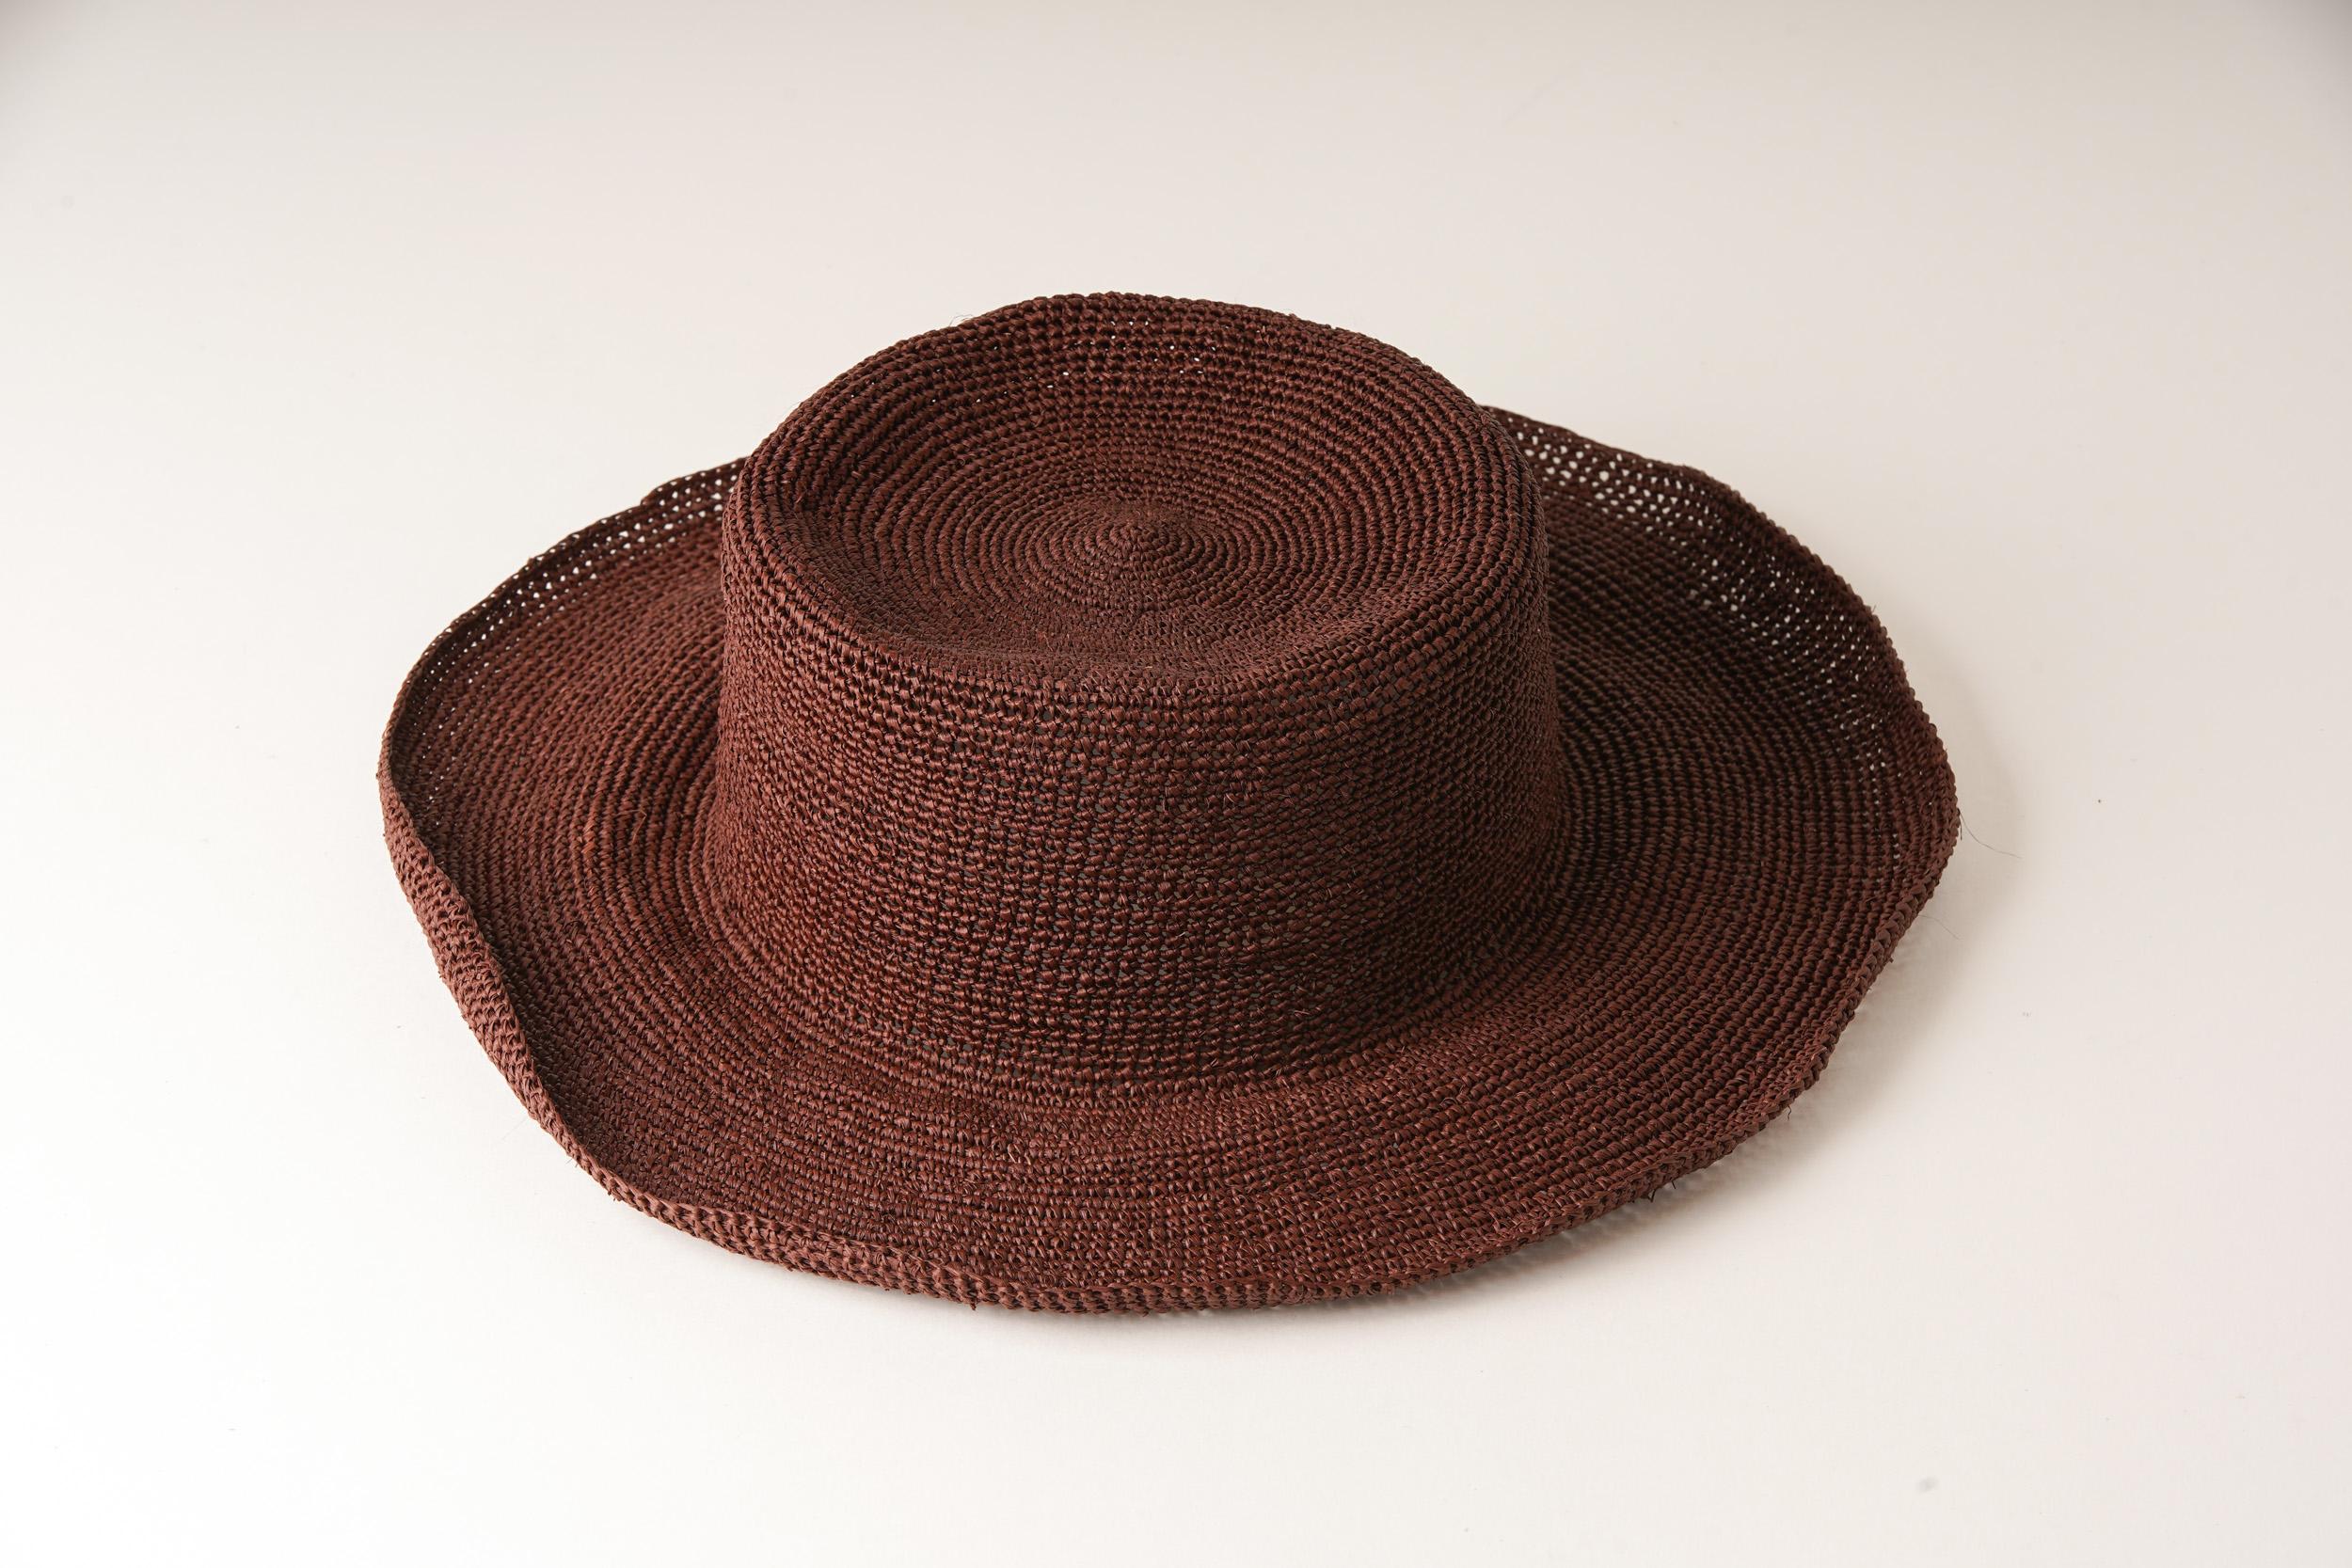 エクアアンディーノの帽子を営業が輸入してショップに販売